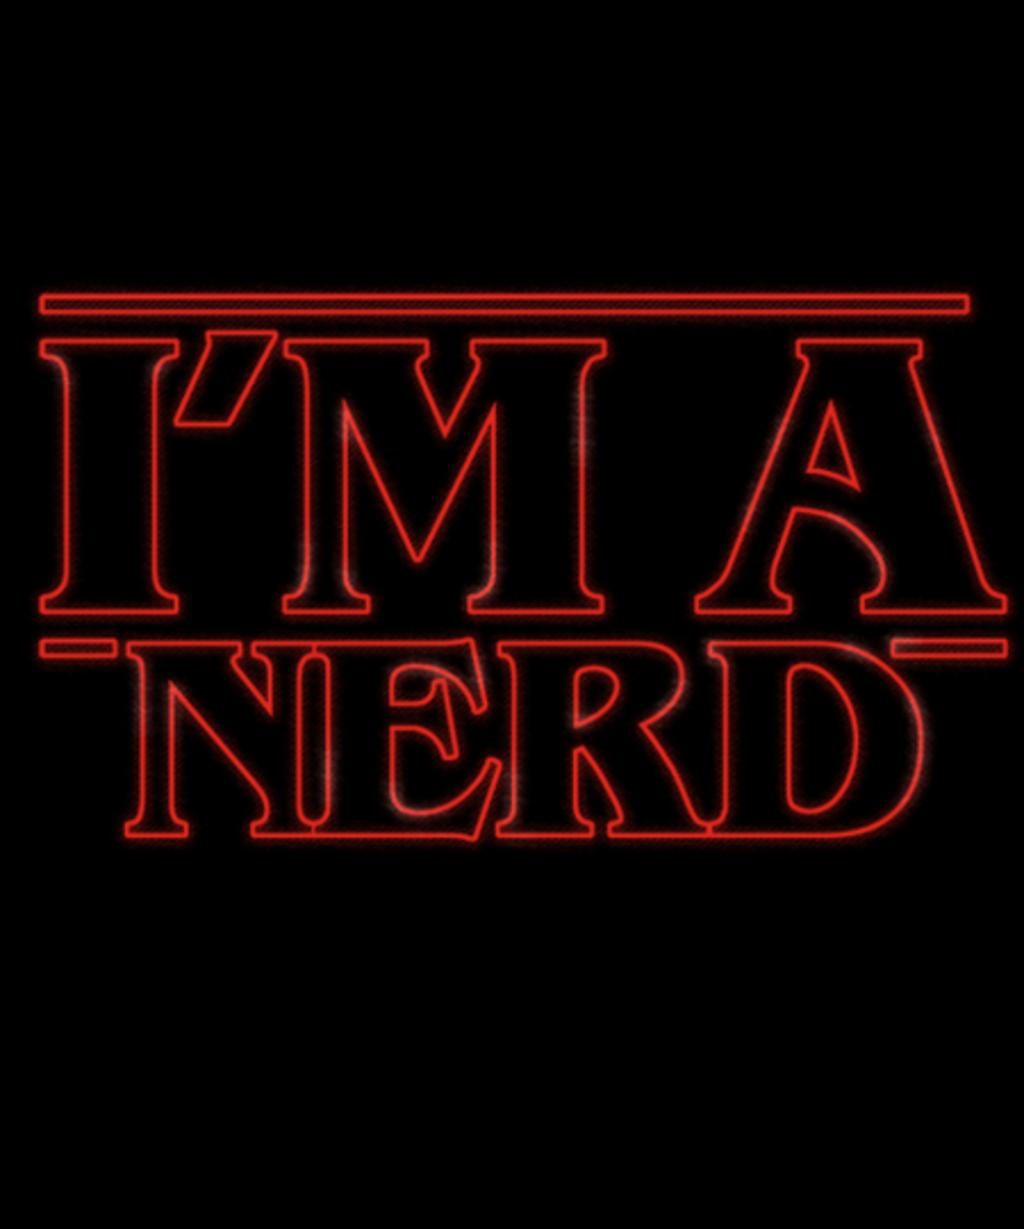 Qwertee: I'm a nerd